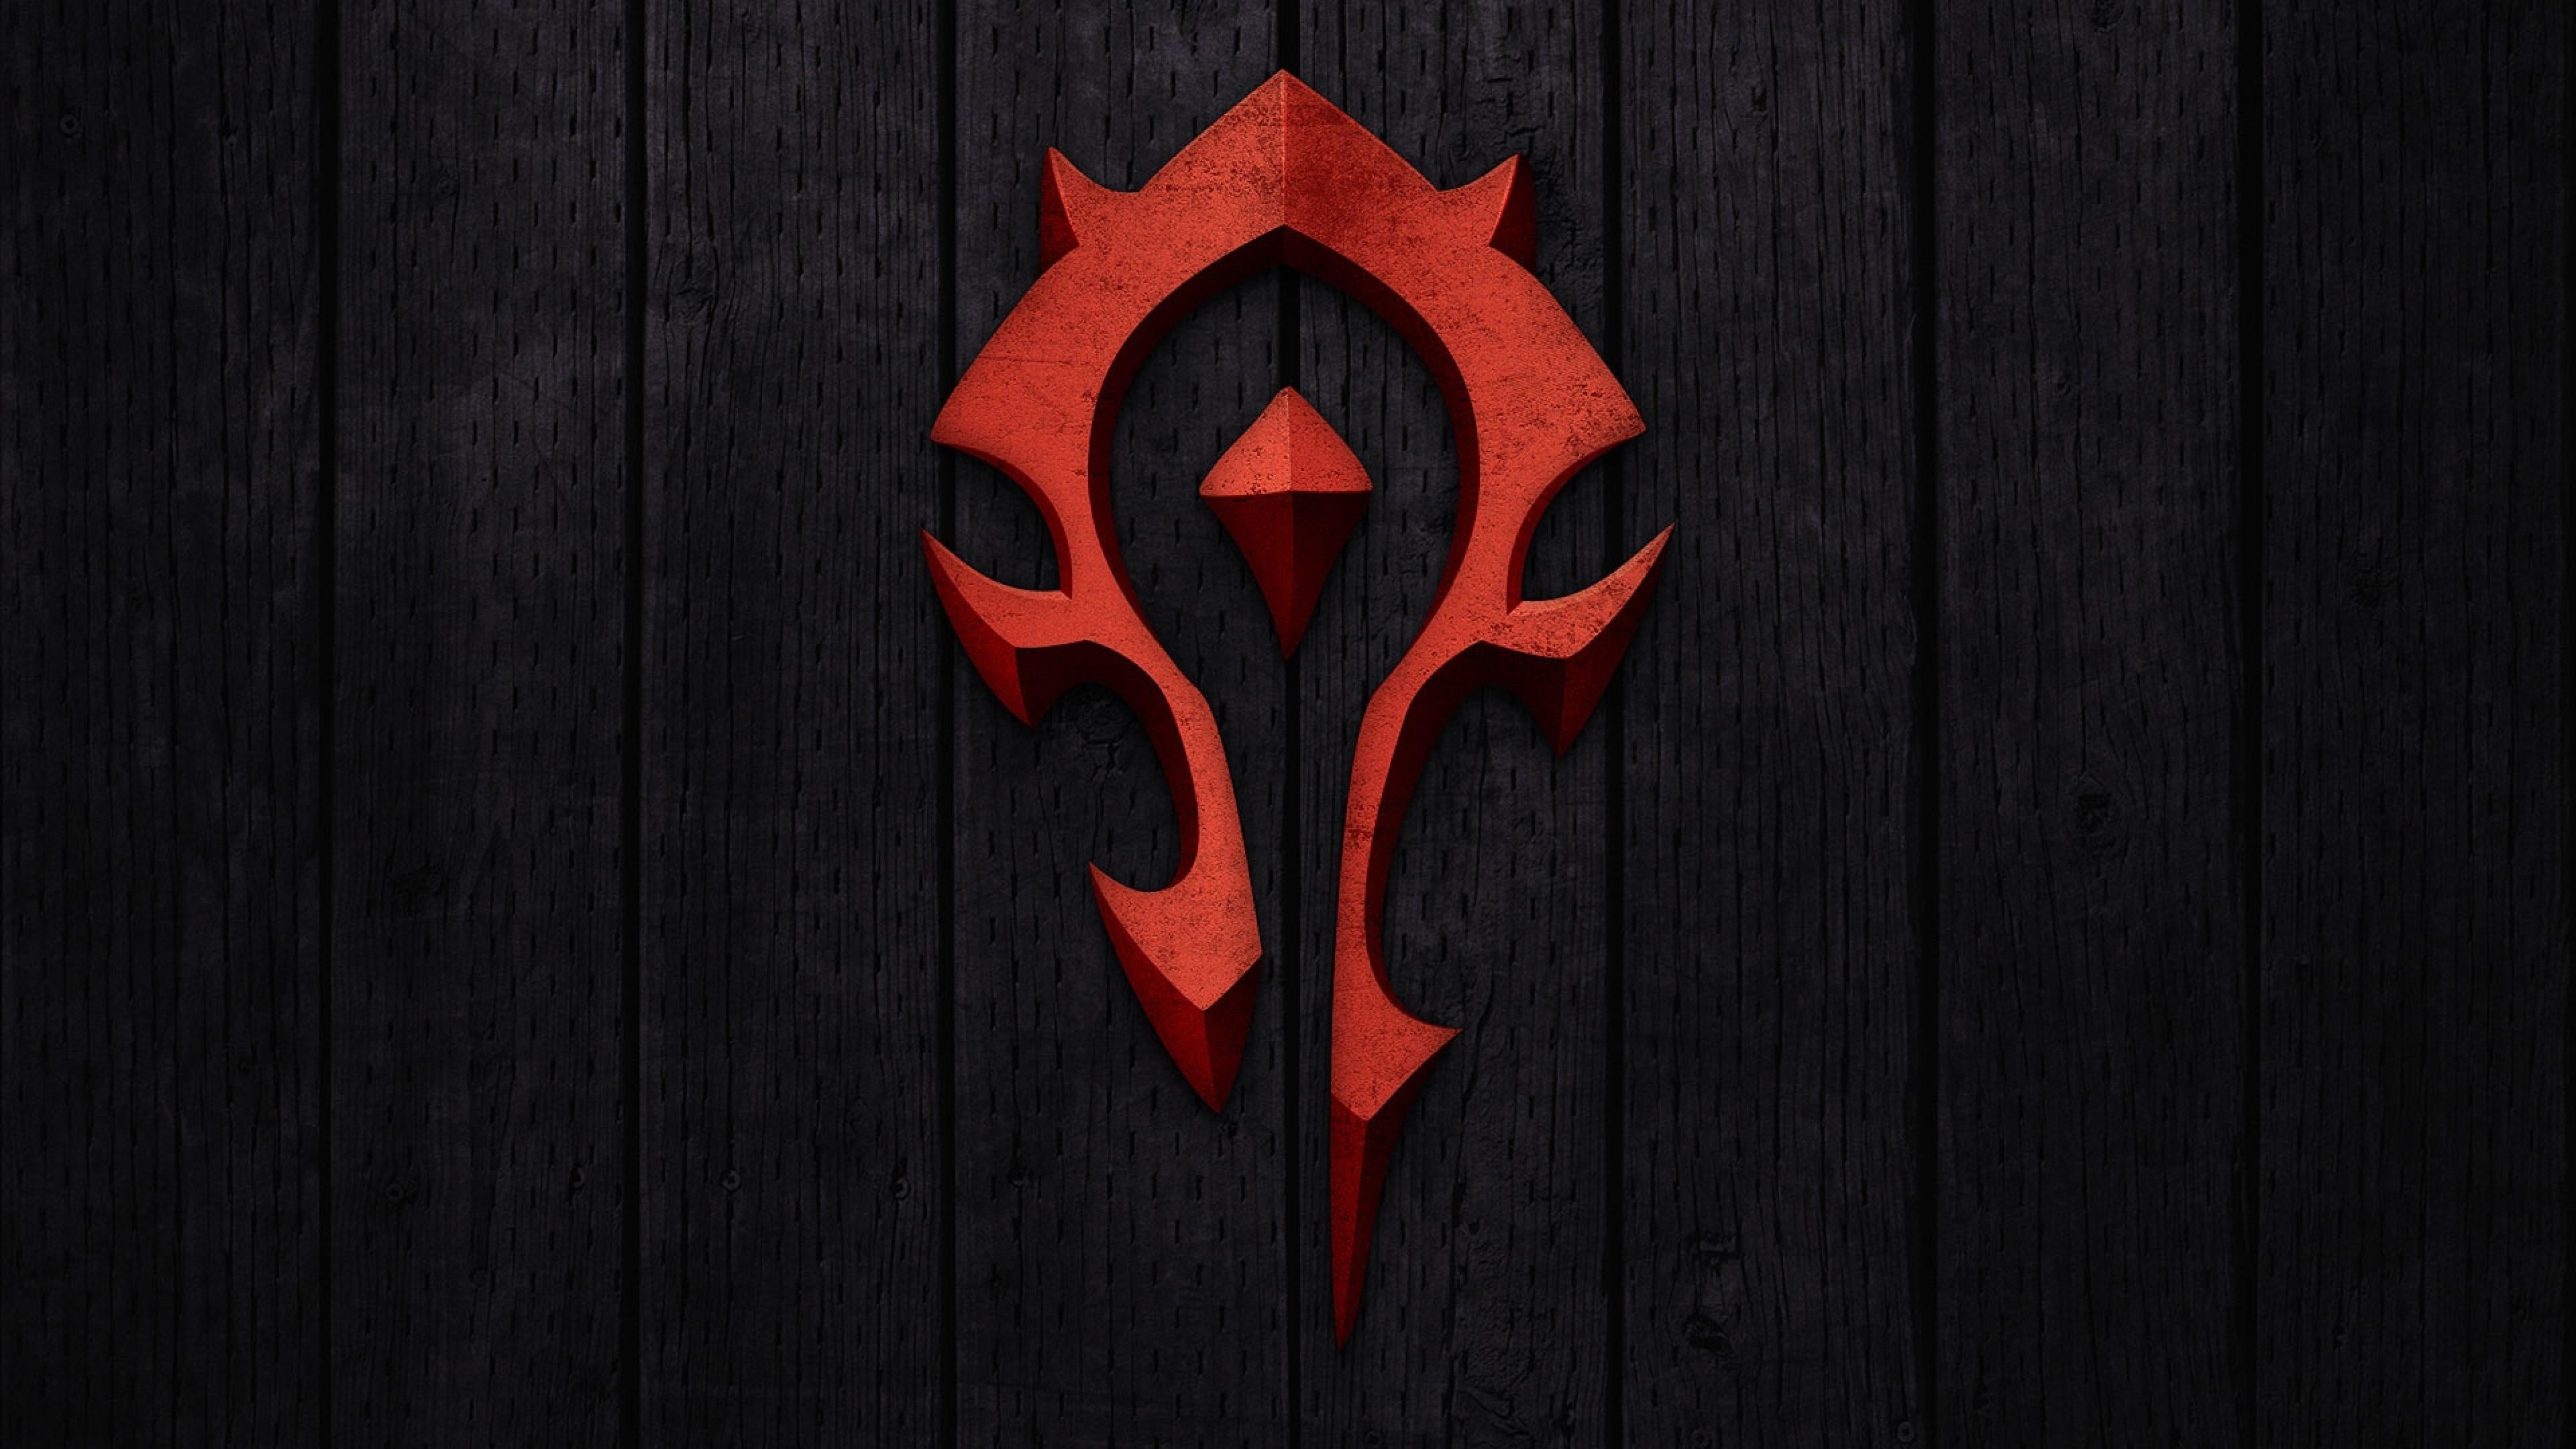 Wallpaper world of warcraft, horde, symbol, background, red